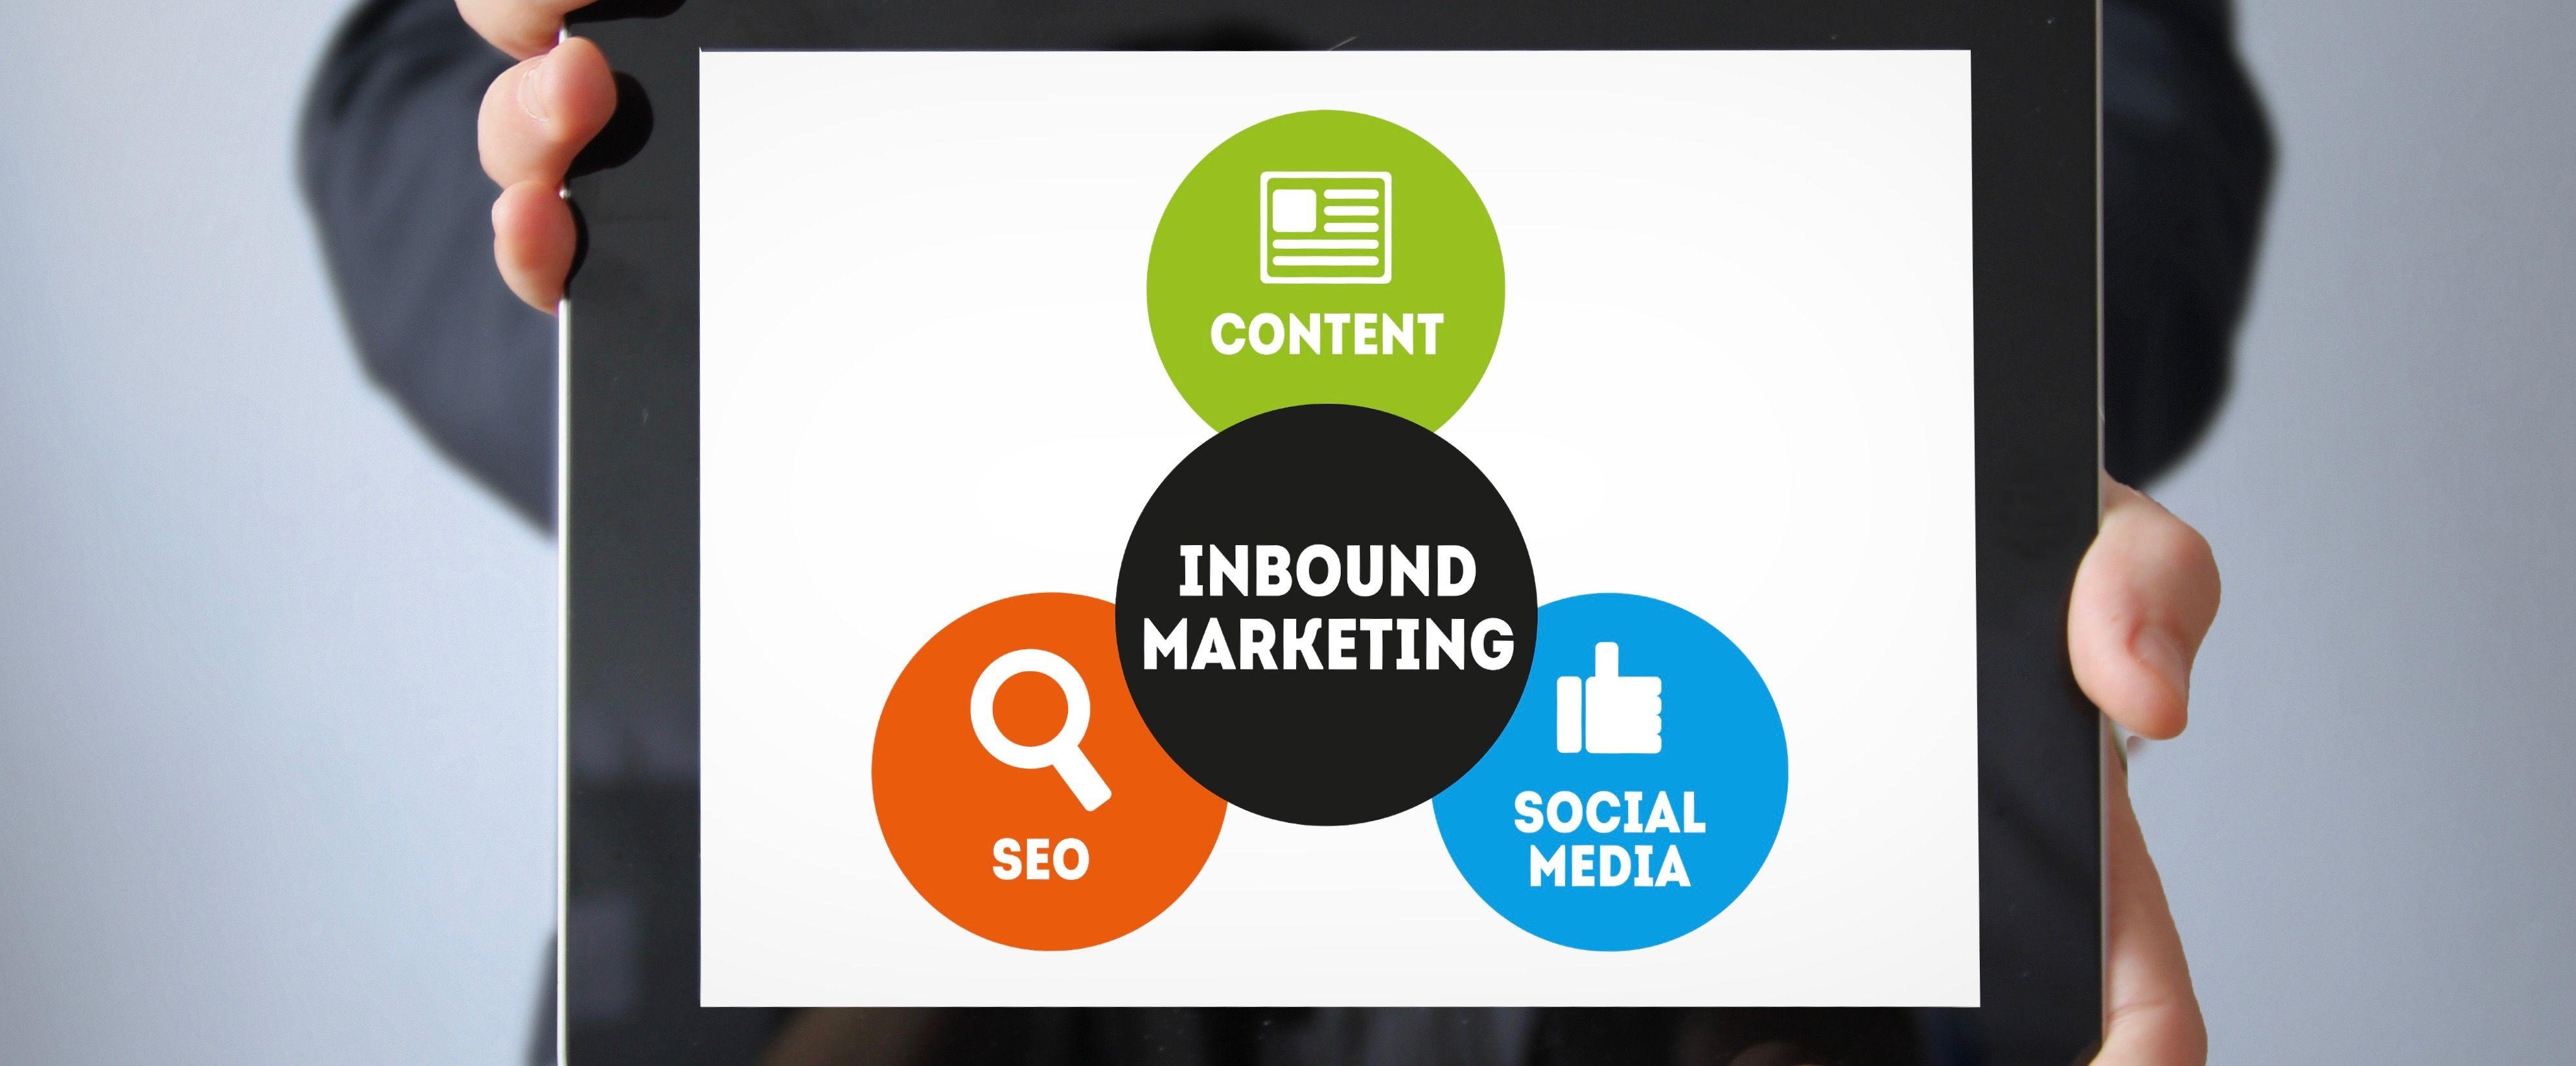 Your First 100 Days as an Inbound Marketer: A Framework for Success